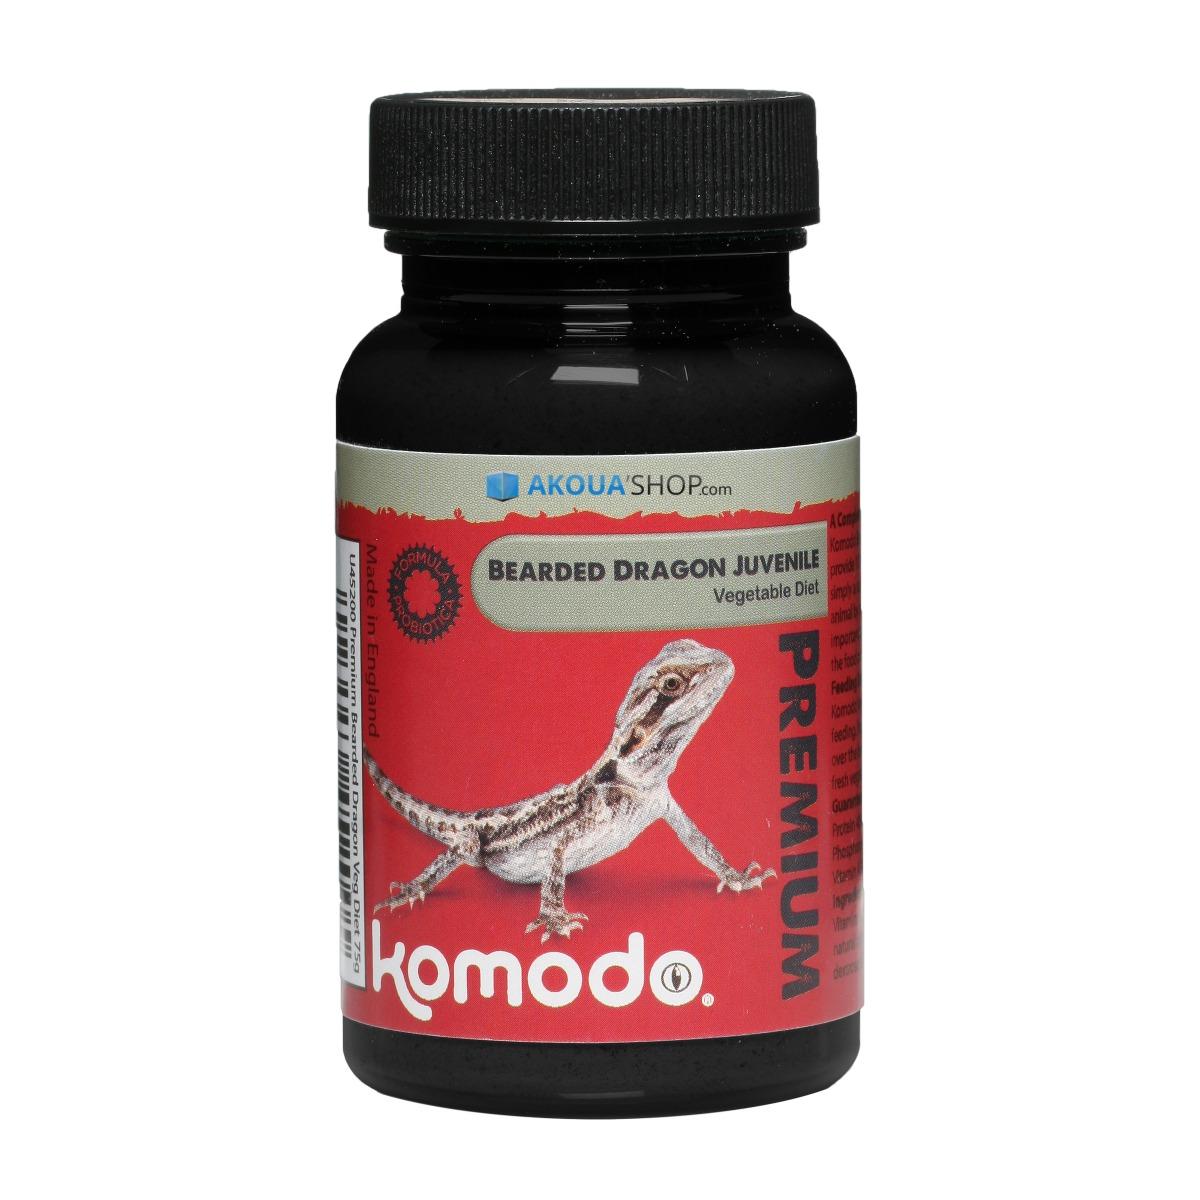 komodo Premium Bearded Dragon Vegi Juv Diet 75g